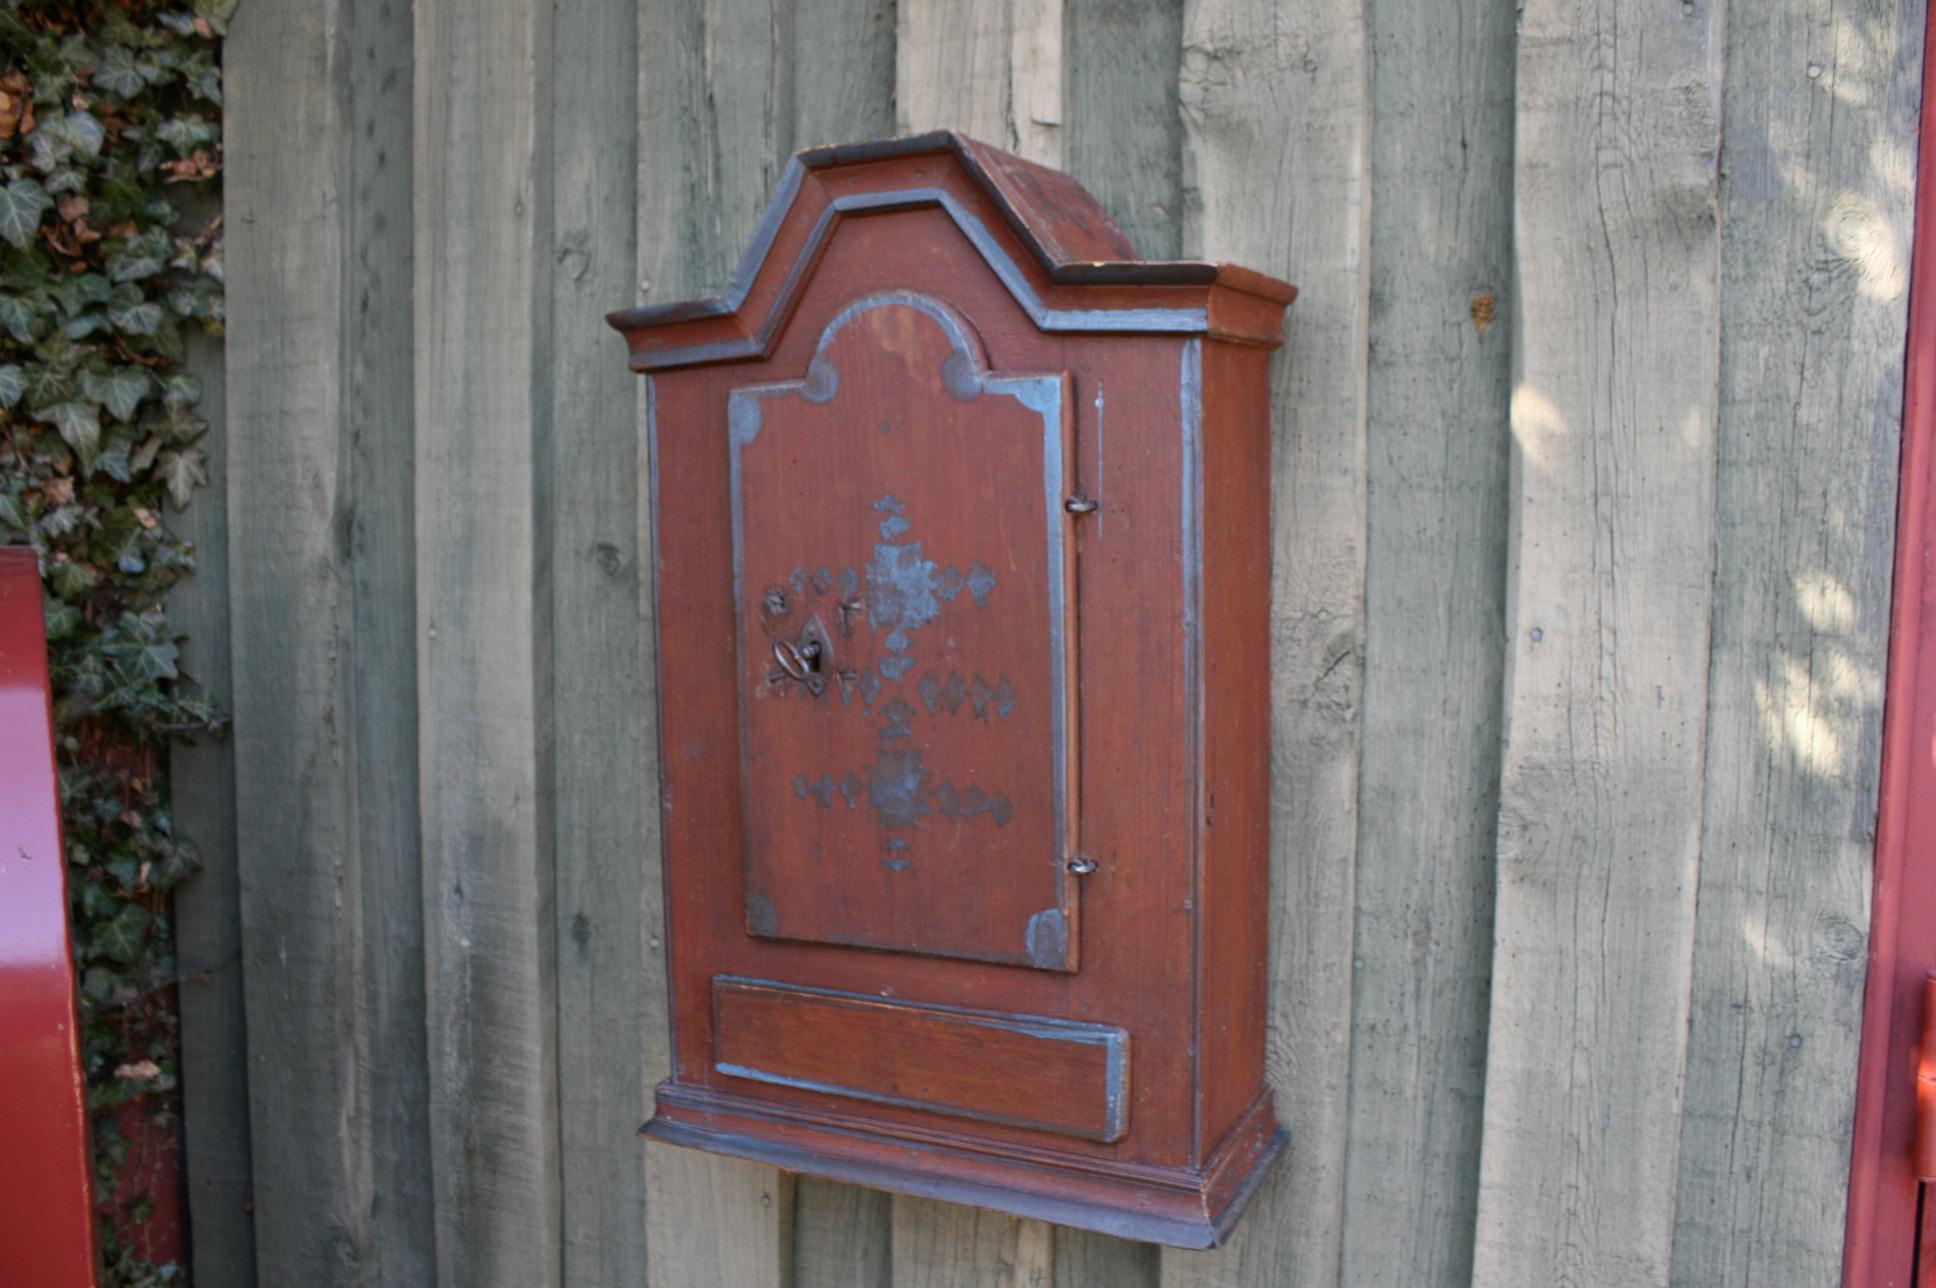 Lille antikt hængeskab dateret 1860.